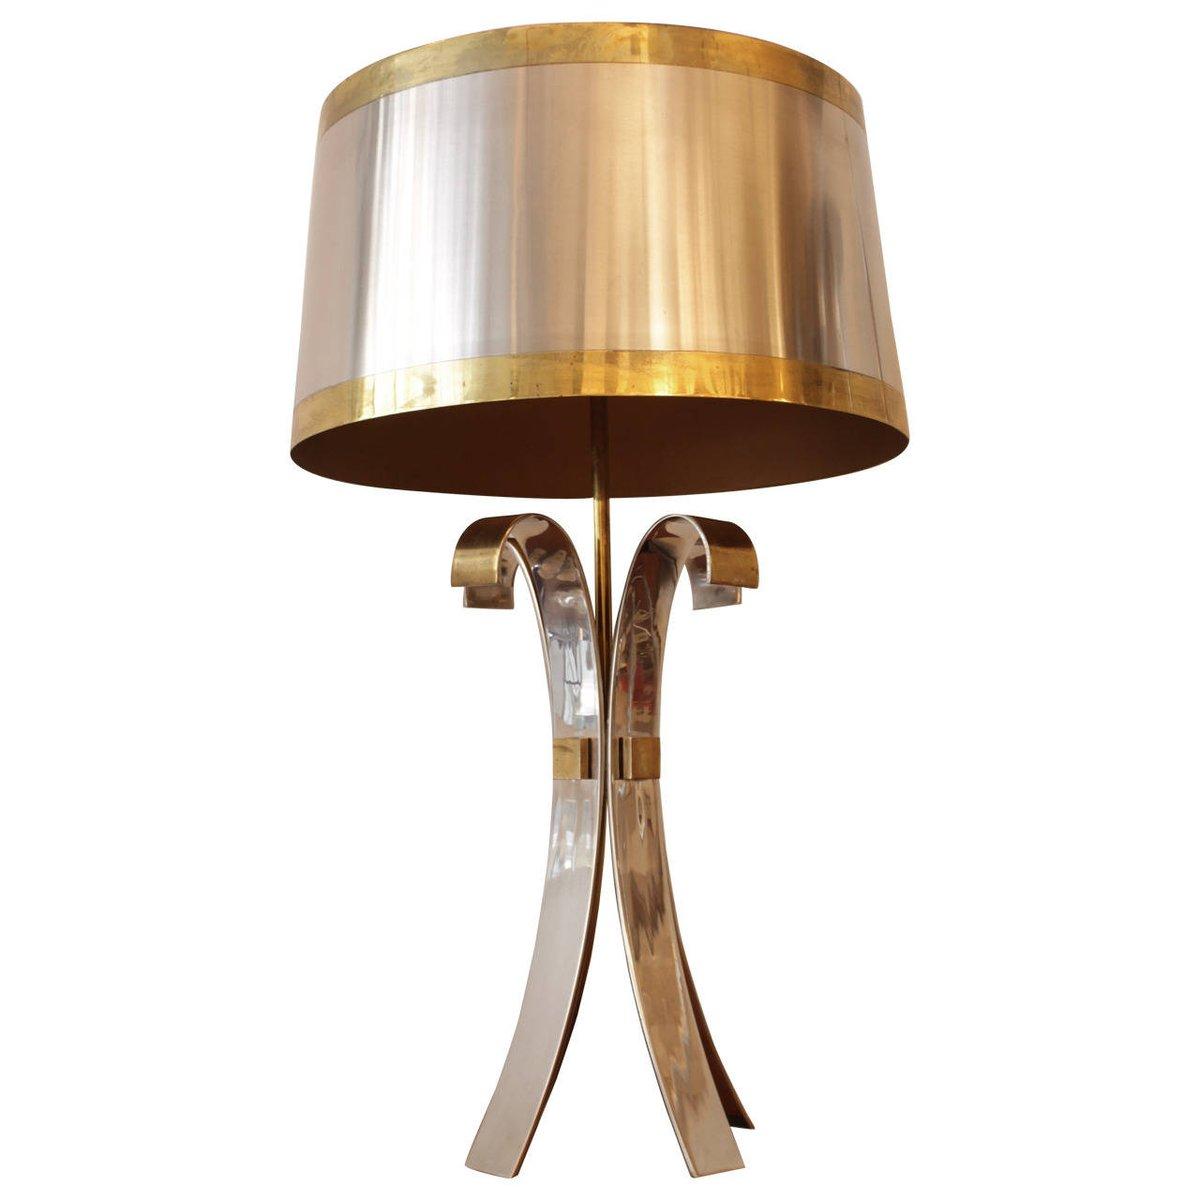 Brass chromed steel table lamp from maison charles 1970s for brass chromed steel table lamp from maison charles 1970s aloadofball Images